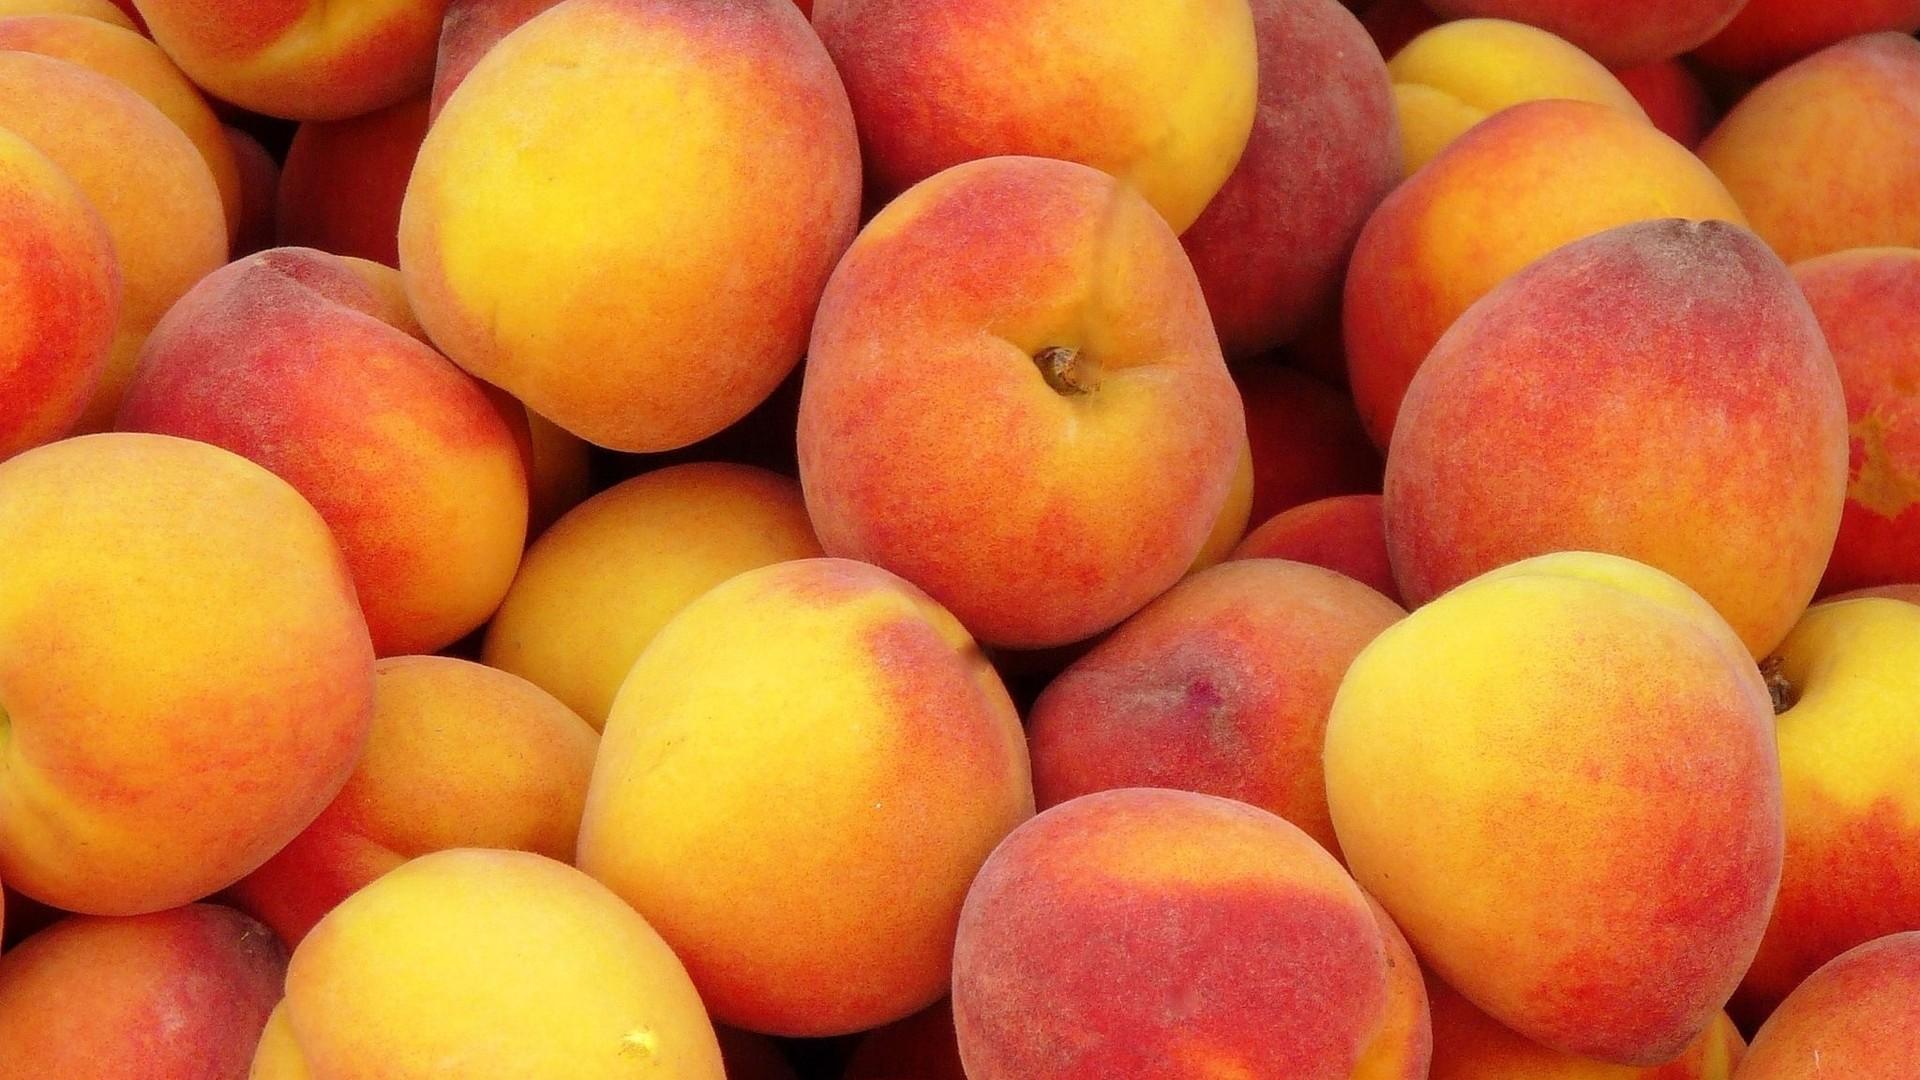 quais os benefícios do pêssego?